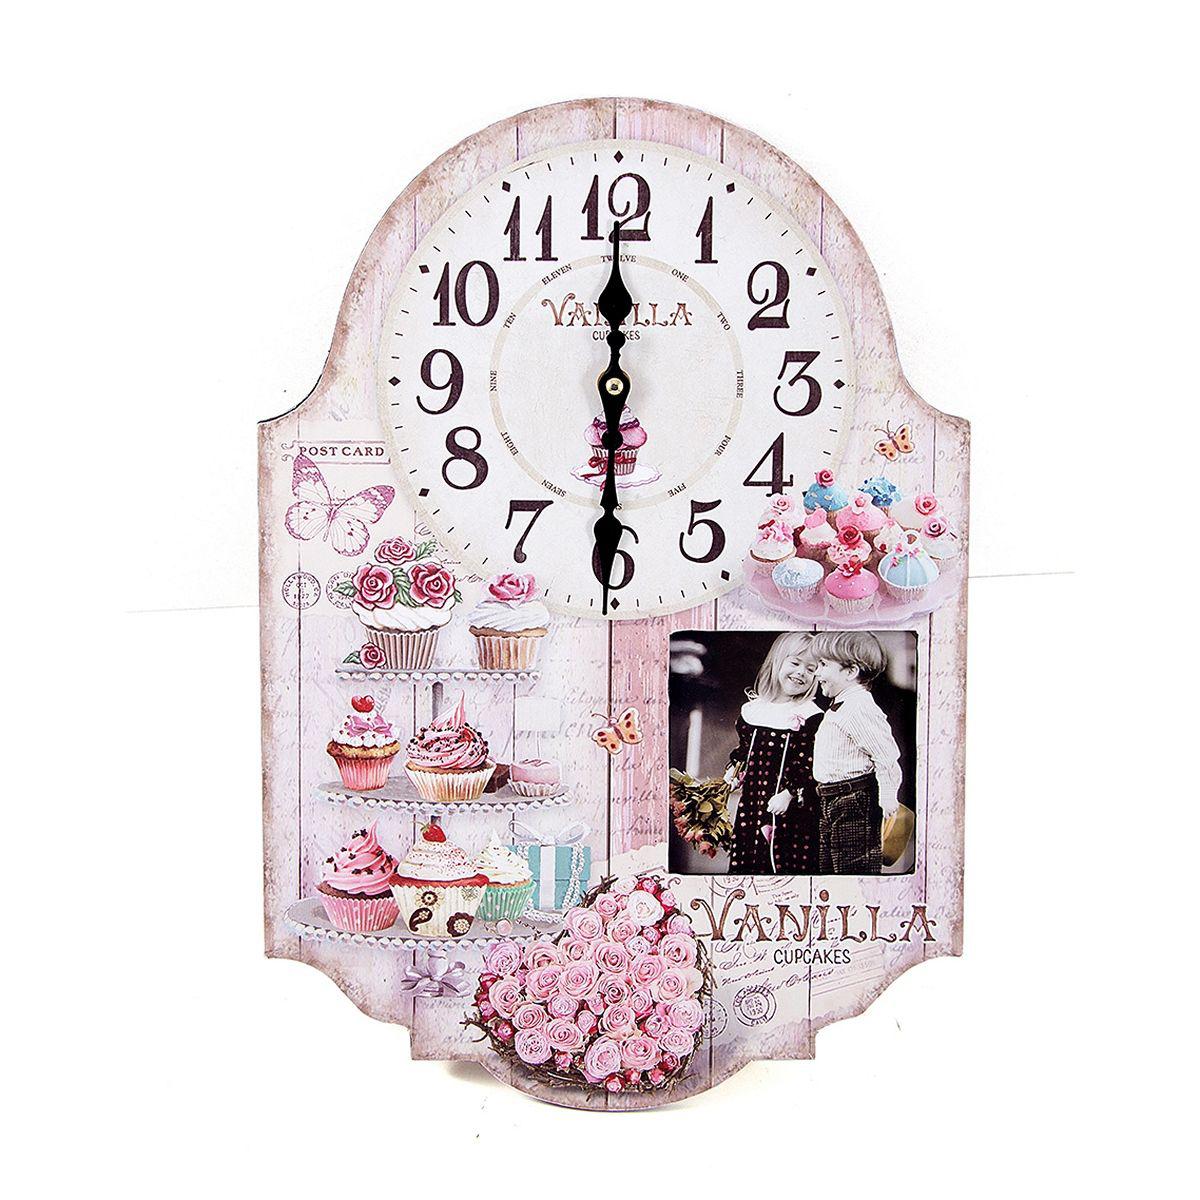 Часы настенные Русские Подарки, 29 х 5 х 42 см. 2963629636Настенные кварцевые часы Русские Подарки изготовлены из МДФ. Корпус оформлен изображением цветов и пирожных, а также украшен вставкой с изображением детей. Часы имеют две стрелки - часовую и минутную. С обратной стороны имеется петелька для подвешивания на стену. Изящные часы красиво и оригинально оформят интерьер дома или офиса. Часы работают от батареек типа АА (в комплект не входят).